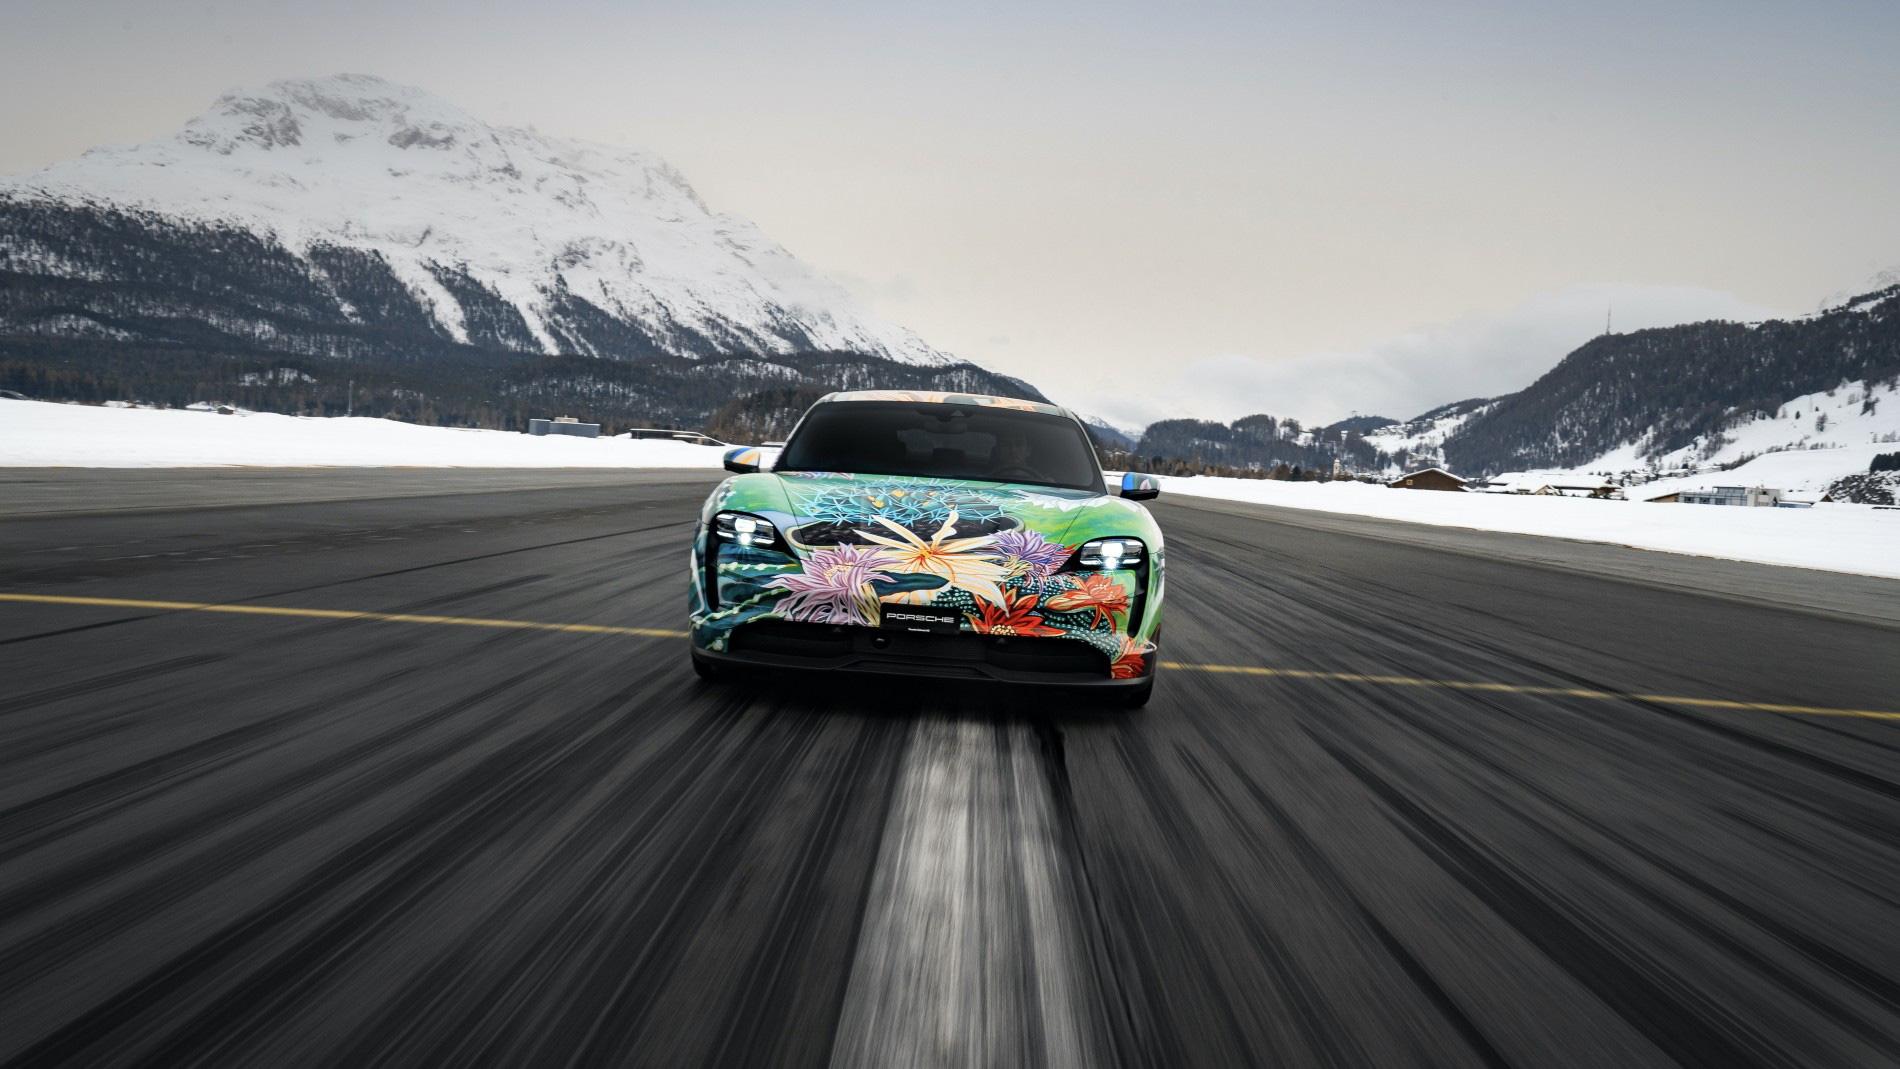 """Siêu xe nghệ thuật Porsche Taycan """"Nữ Hoàng Bóng Đêm"""" được bán với giá 200.000 USD - Ảnh 5."""